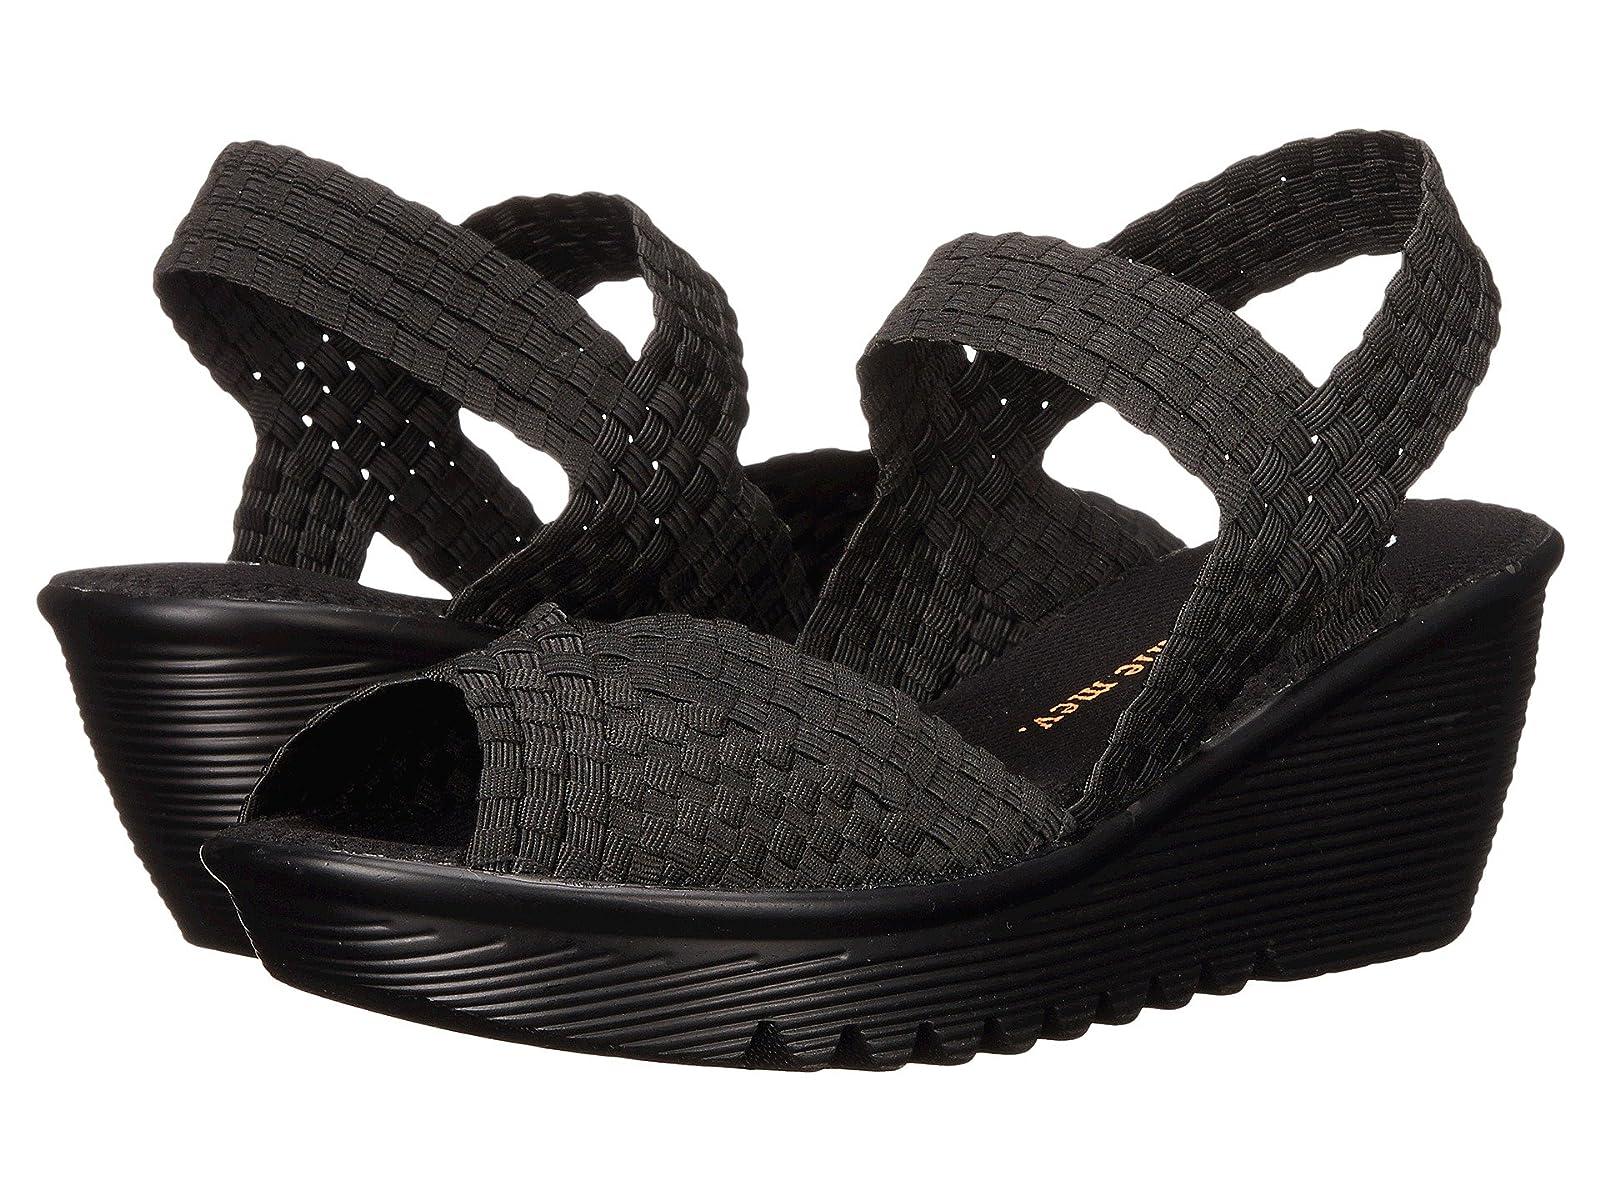 bernie mev. FameAtmospheric grades have affordable shoes